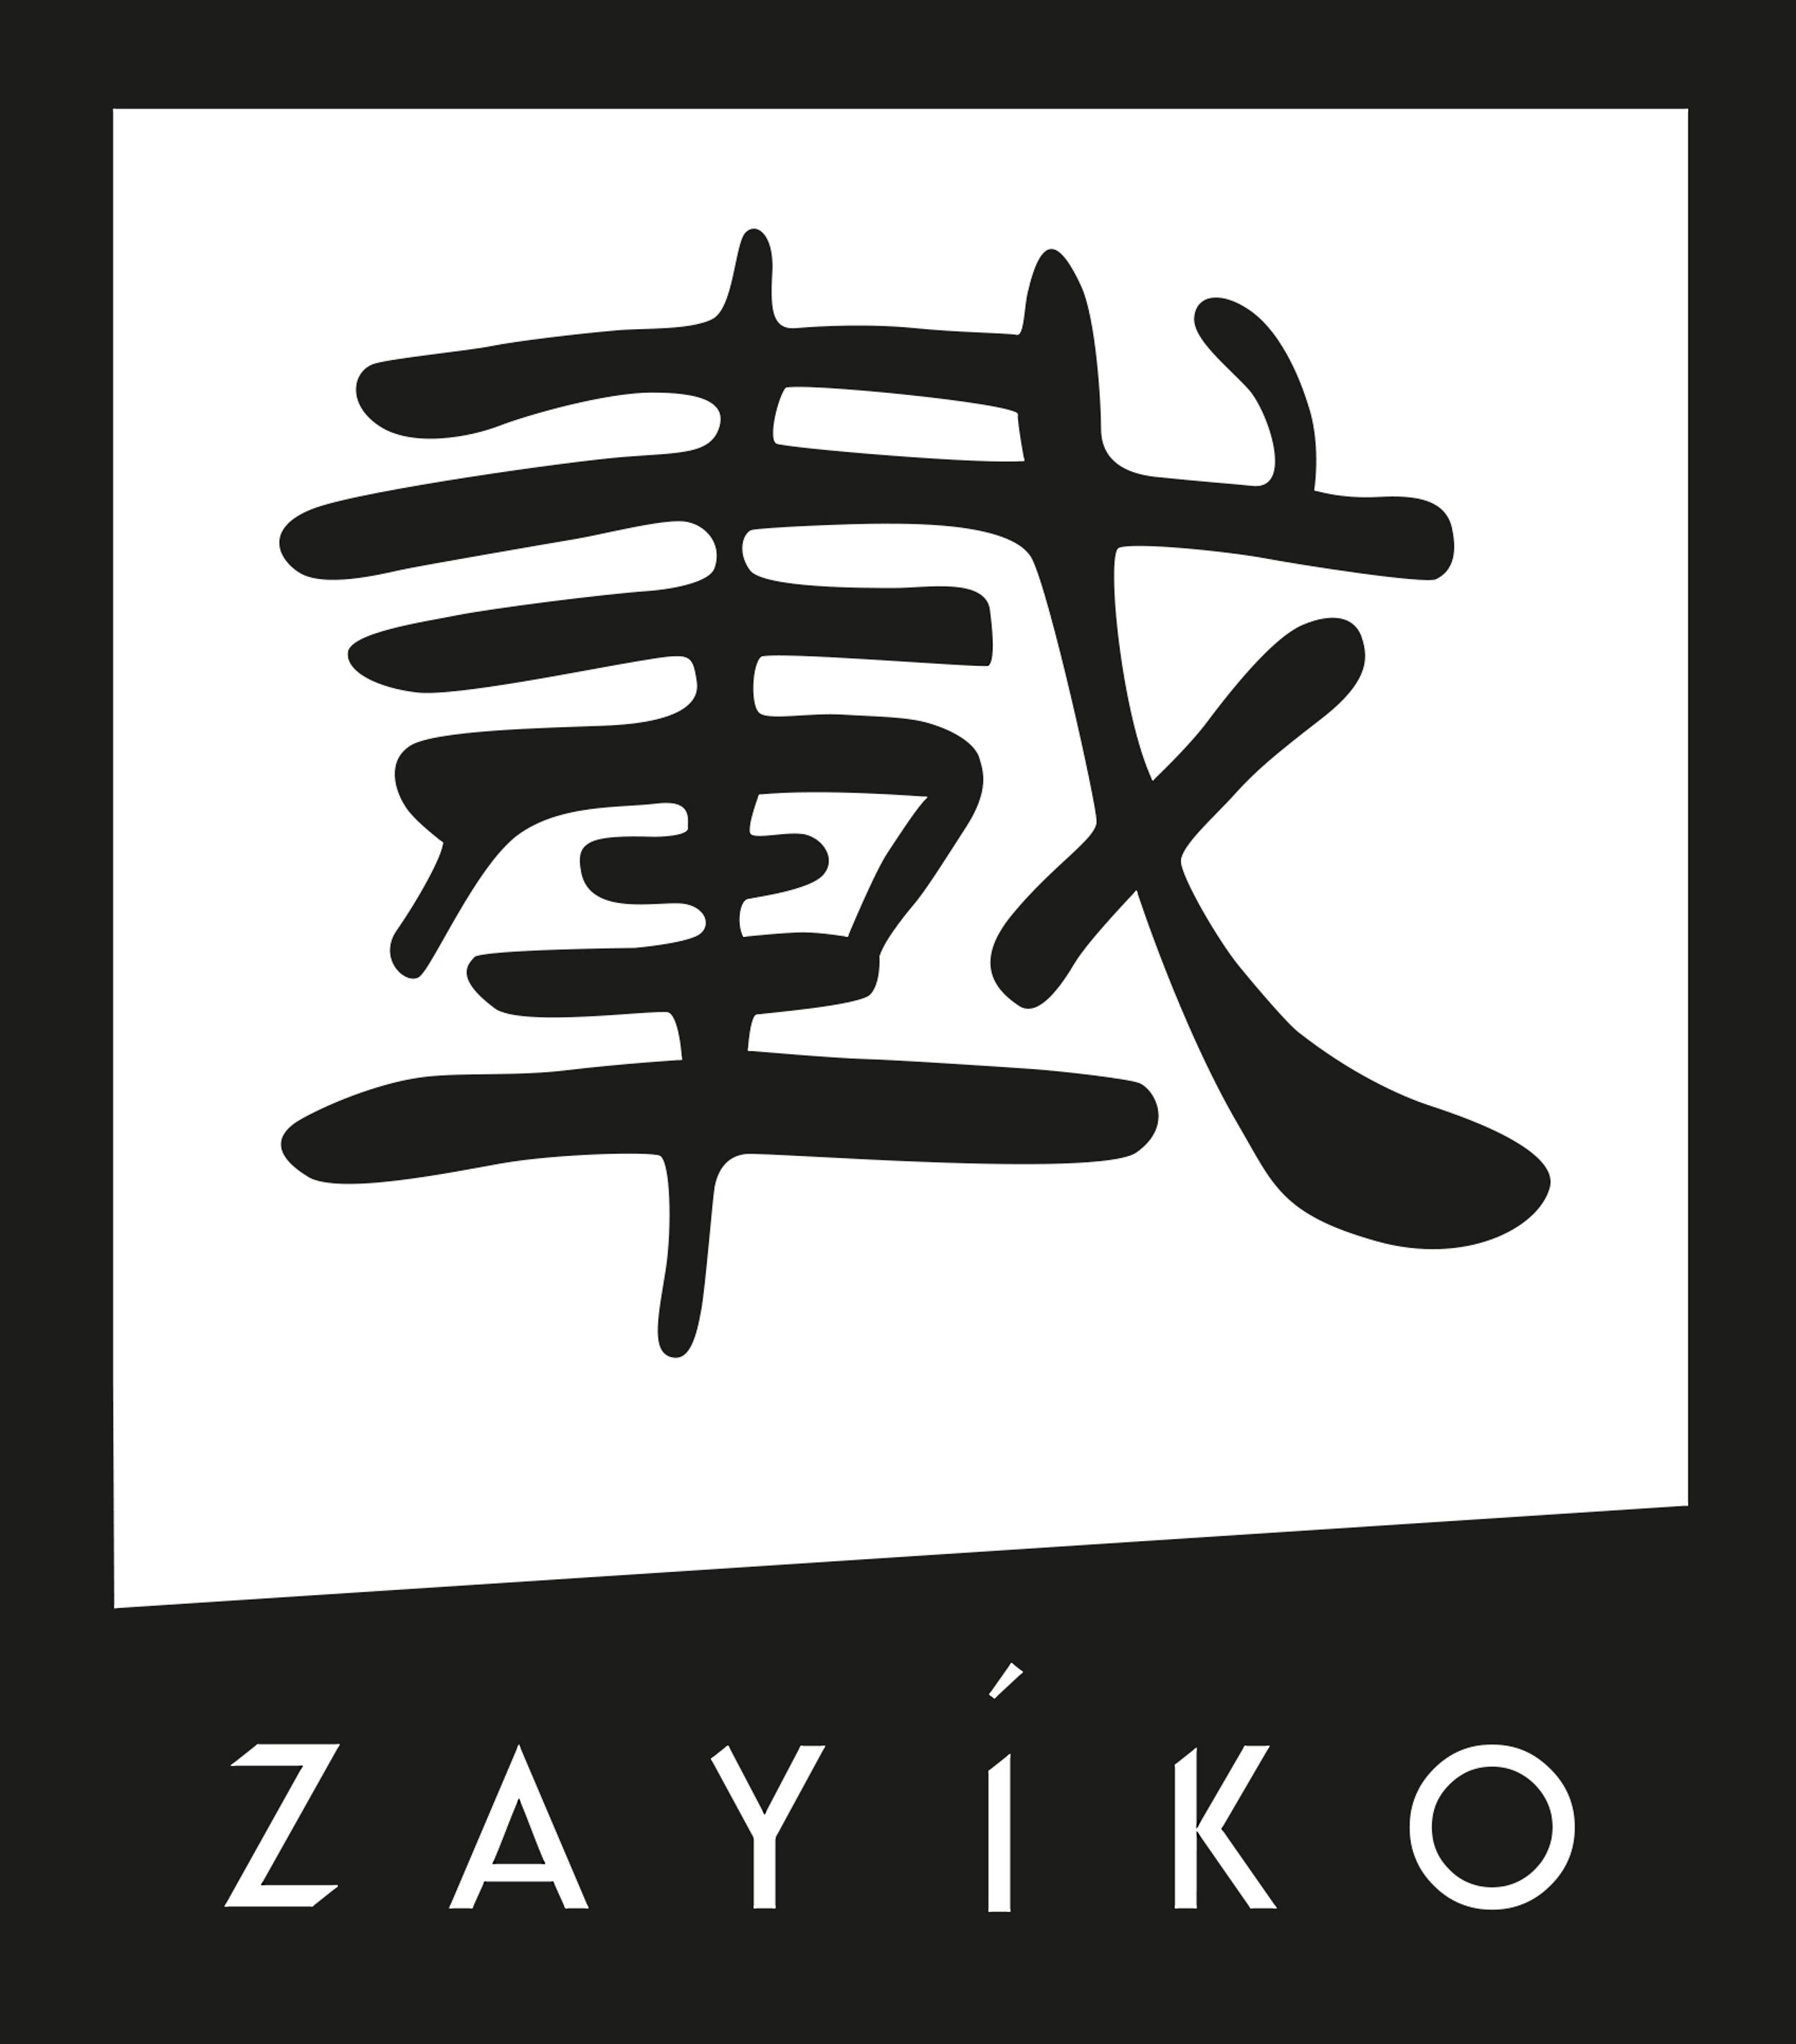 Zayiko